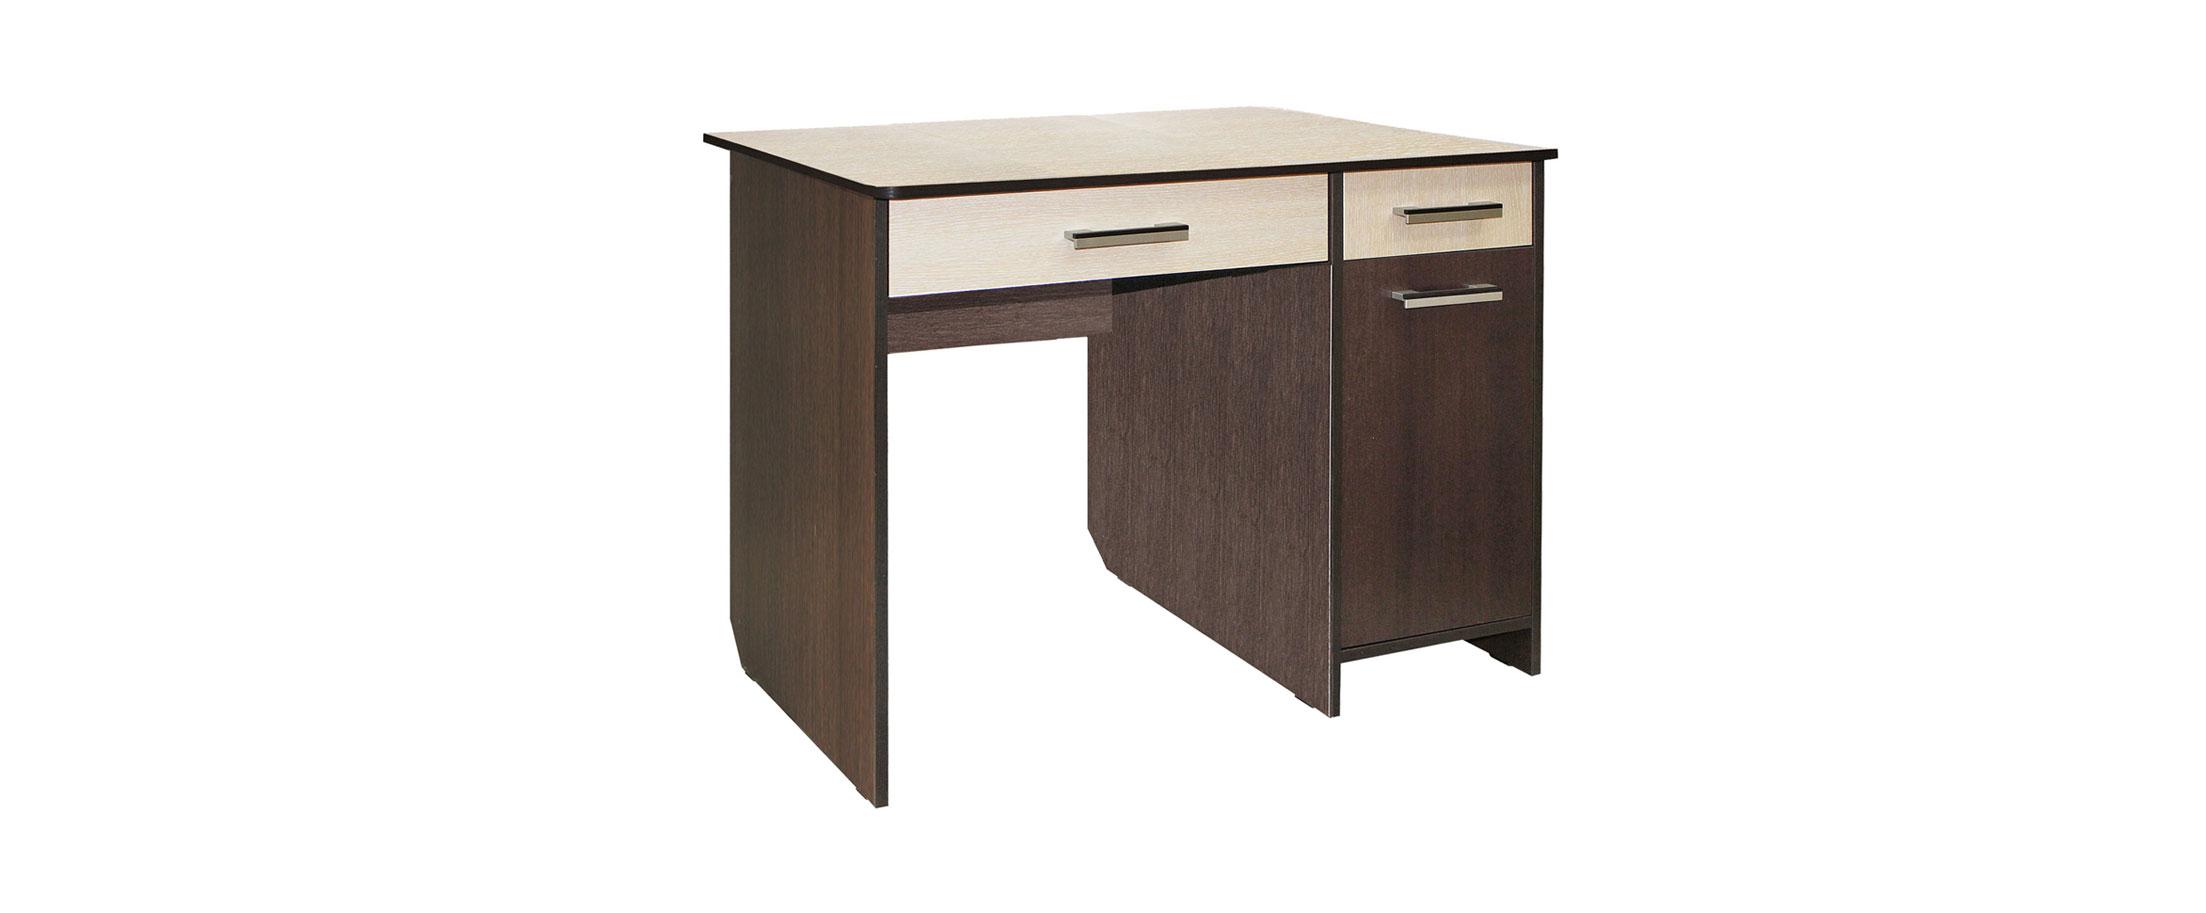 Стол комбинированный Дебют-3 Модель 506